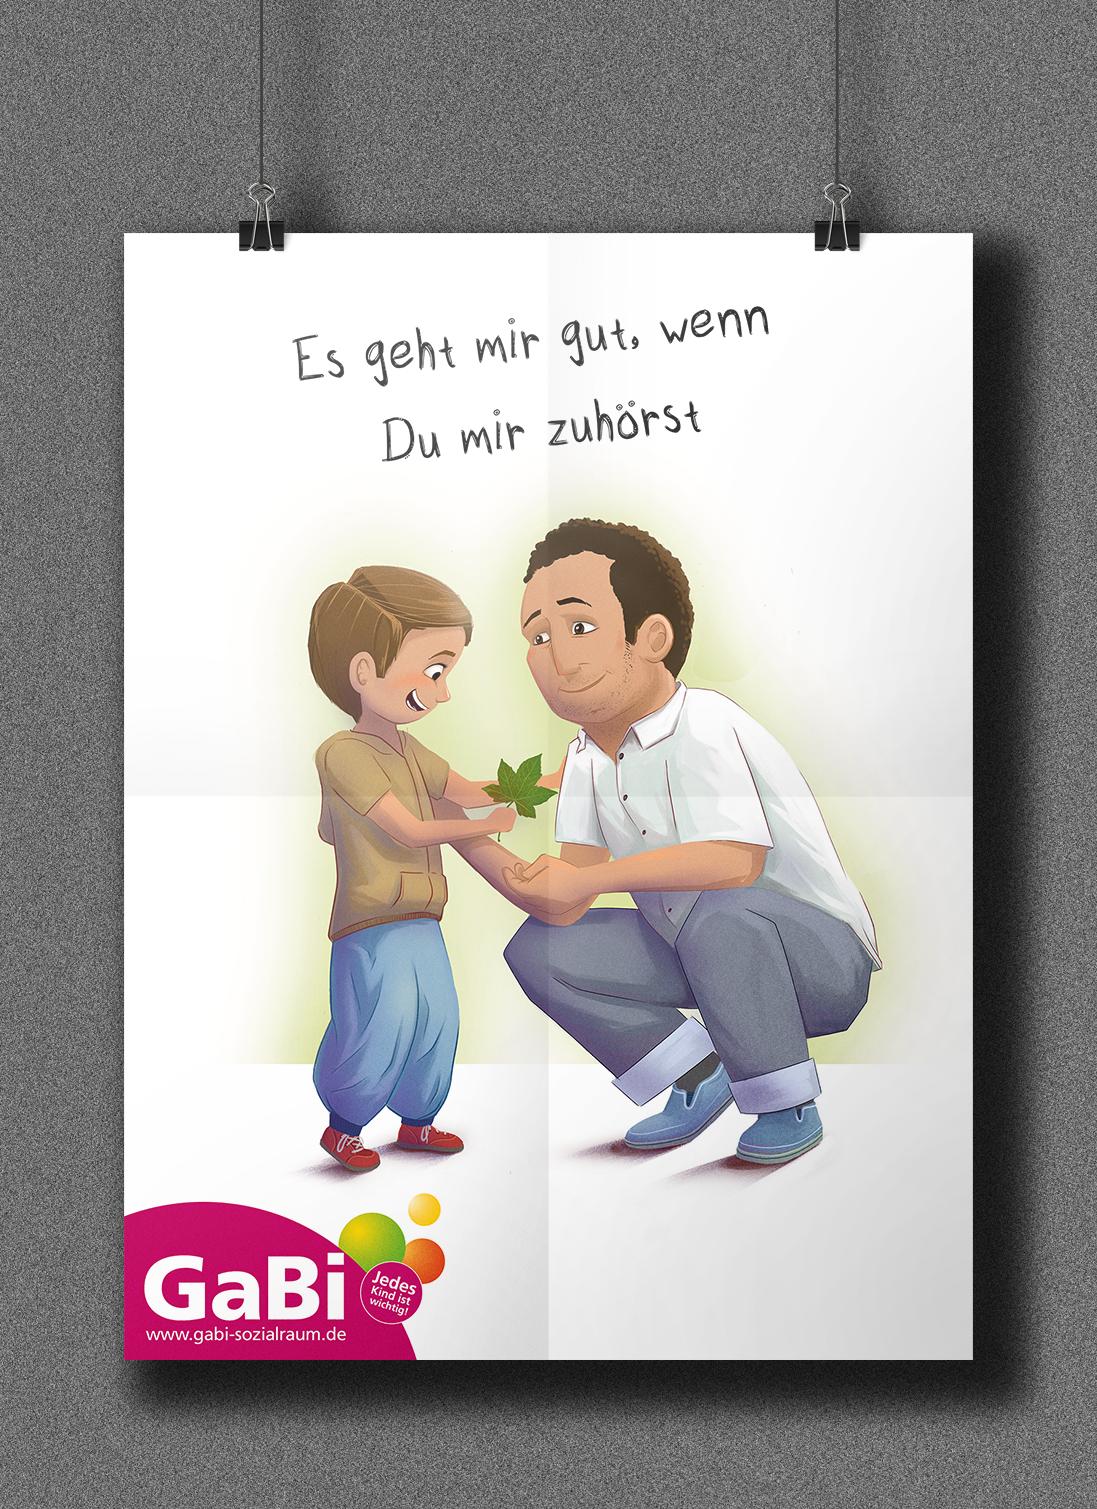 felsenweg-poster-e